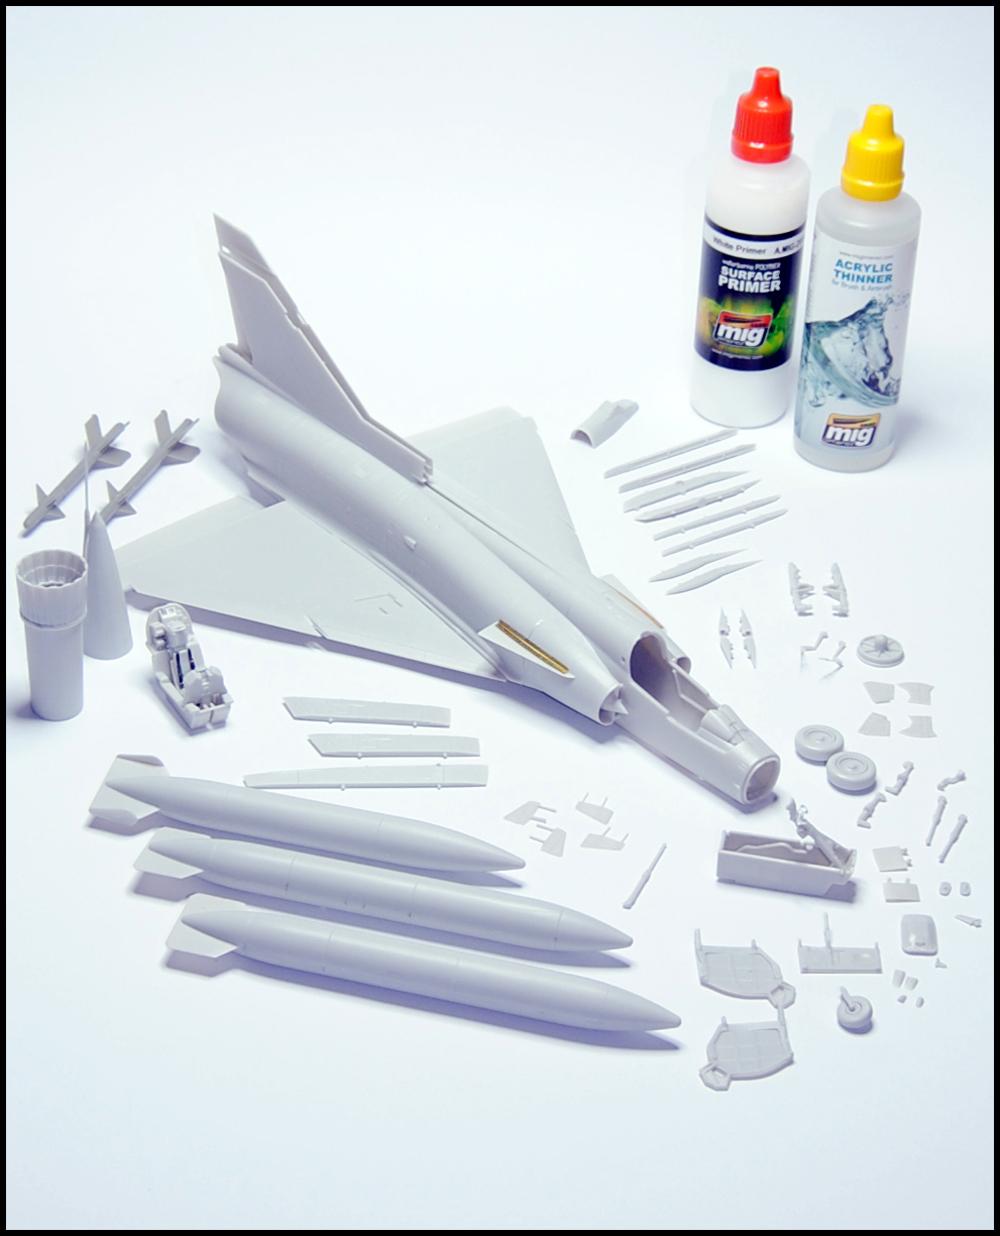 Pintando un kfir c1 utilizando el set IAF colores acrilicos de ammo